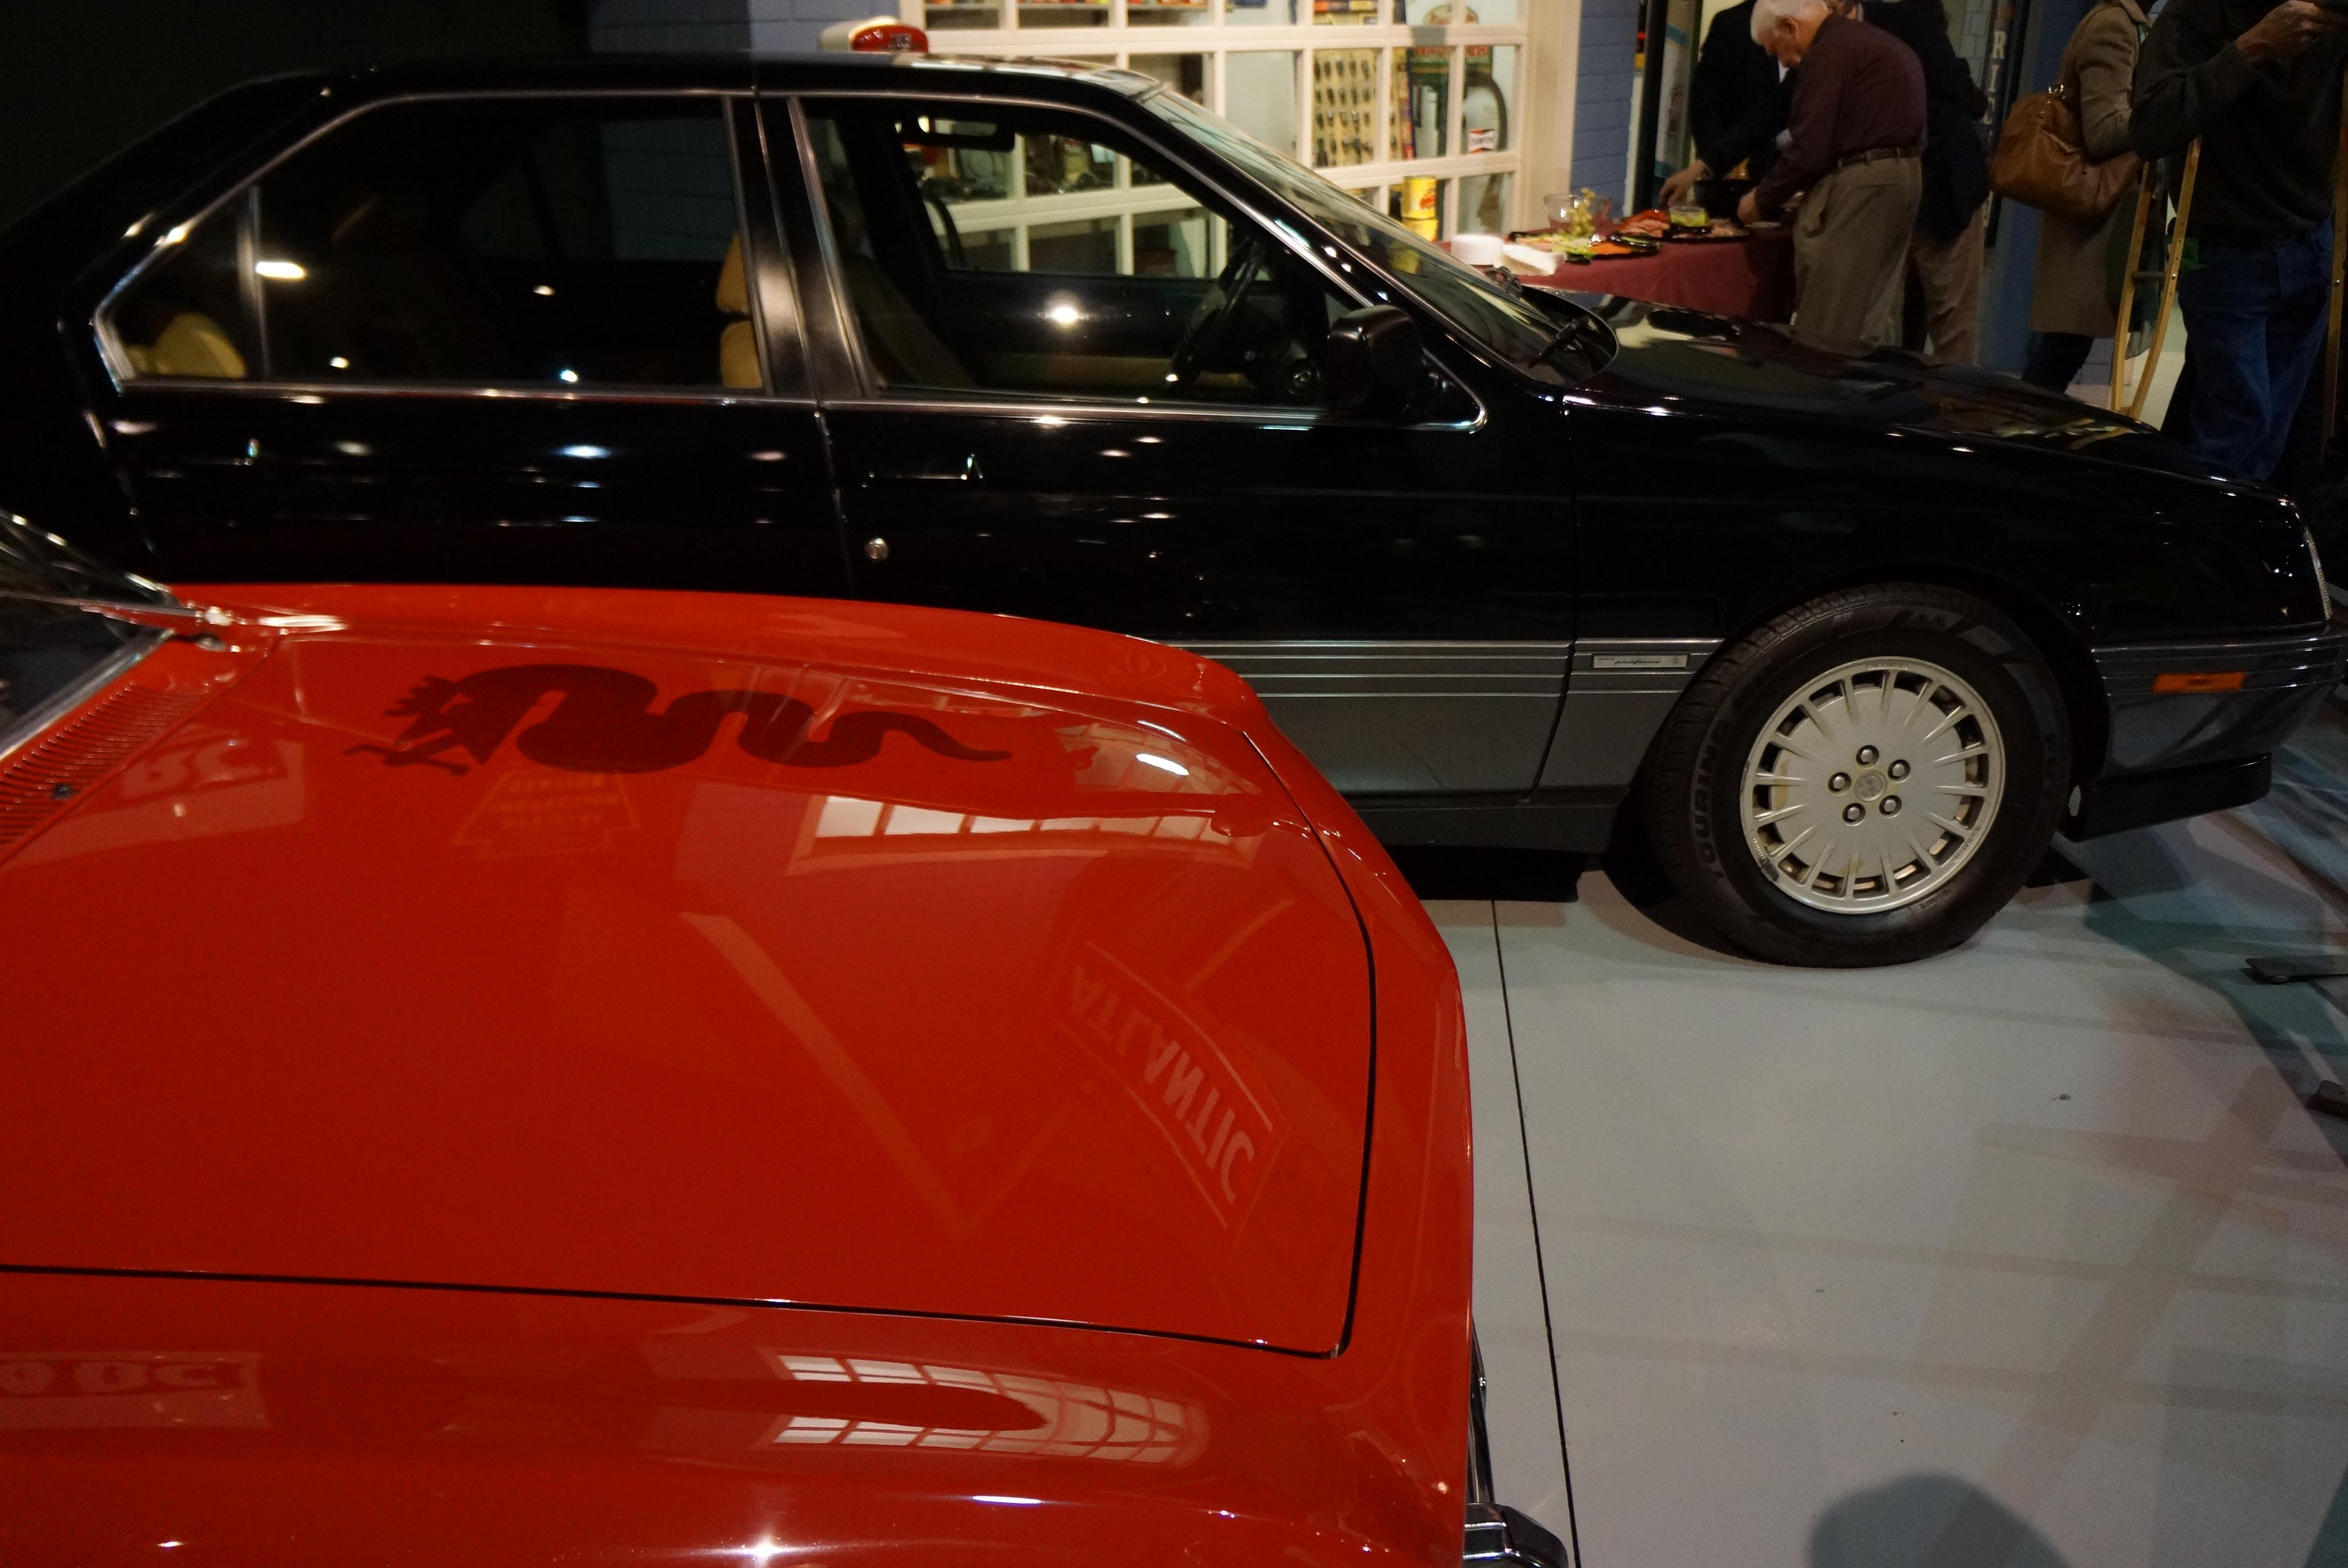 Alfa GTV in red, Alfa 164 in black